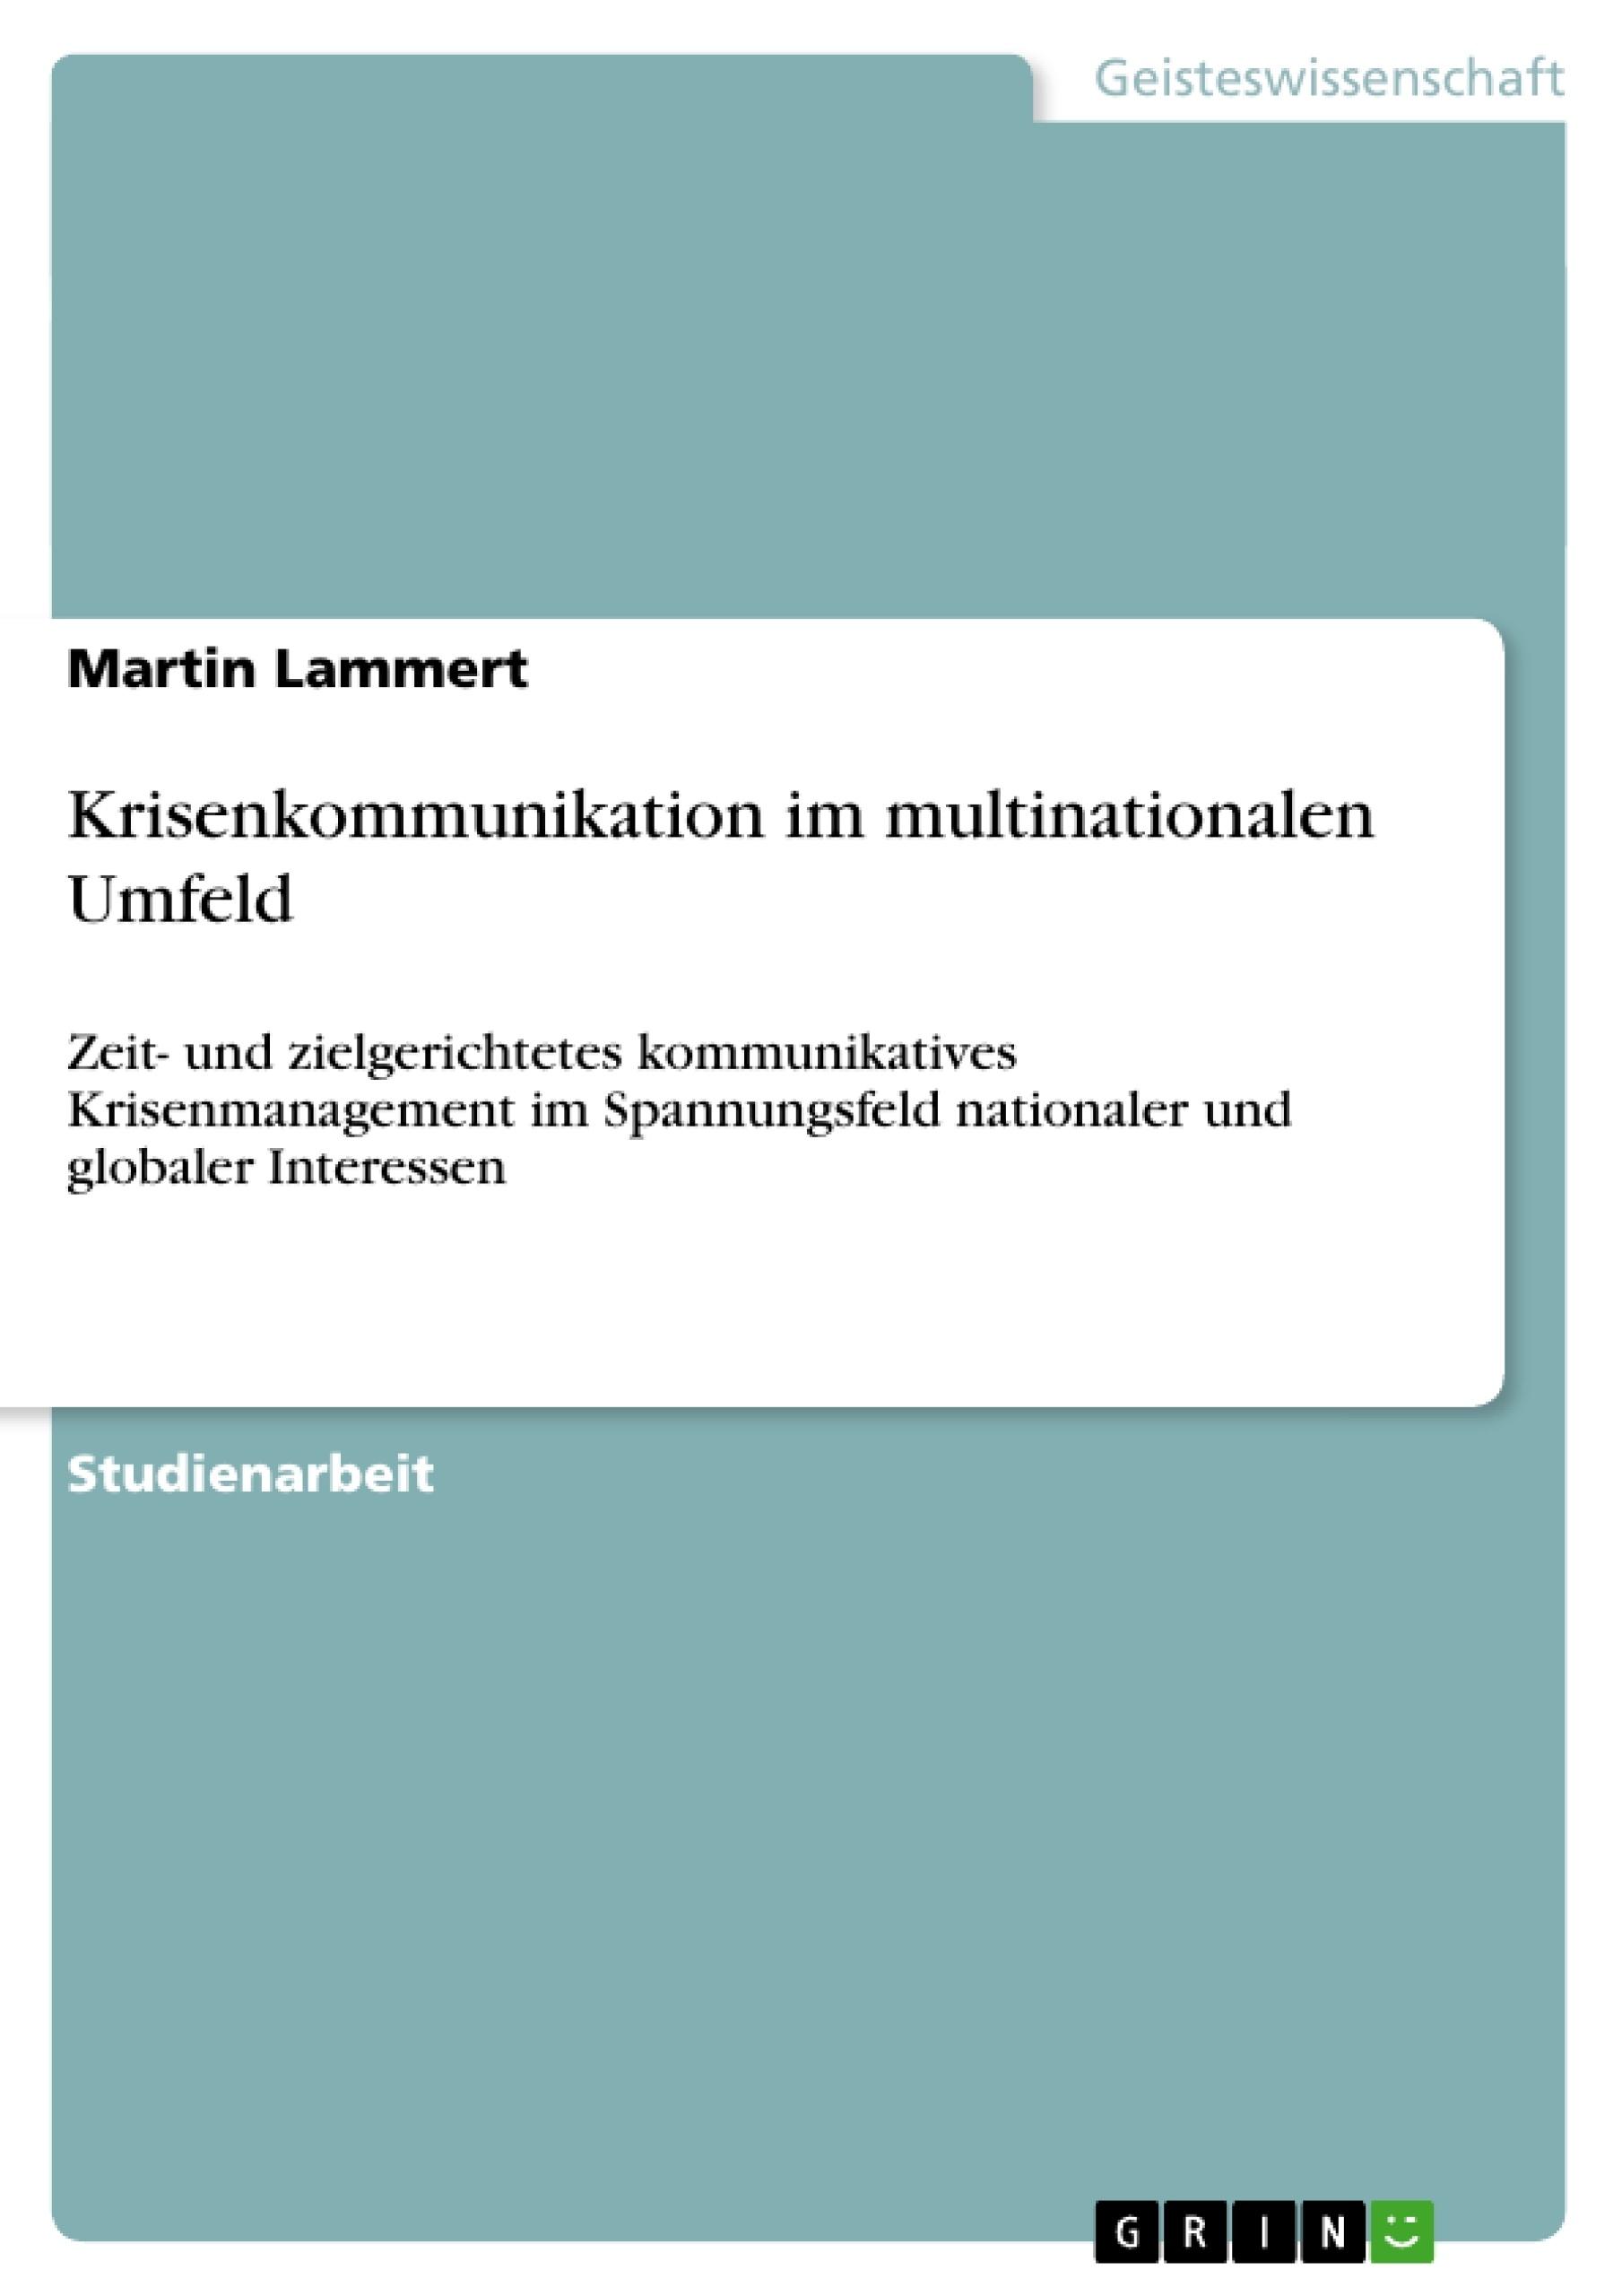 Titel: Krisenkommunikation im multinationalen Umfeld